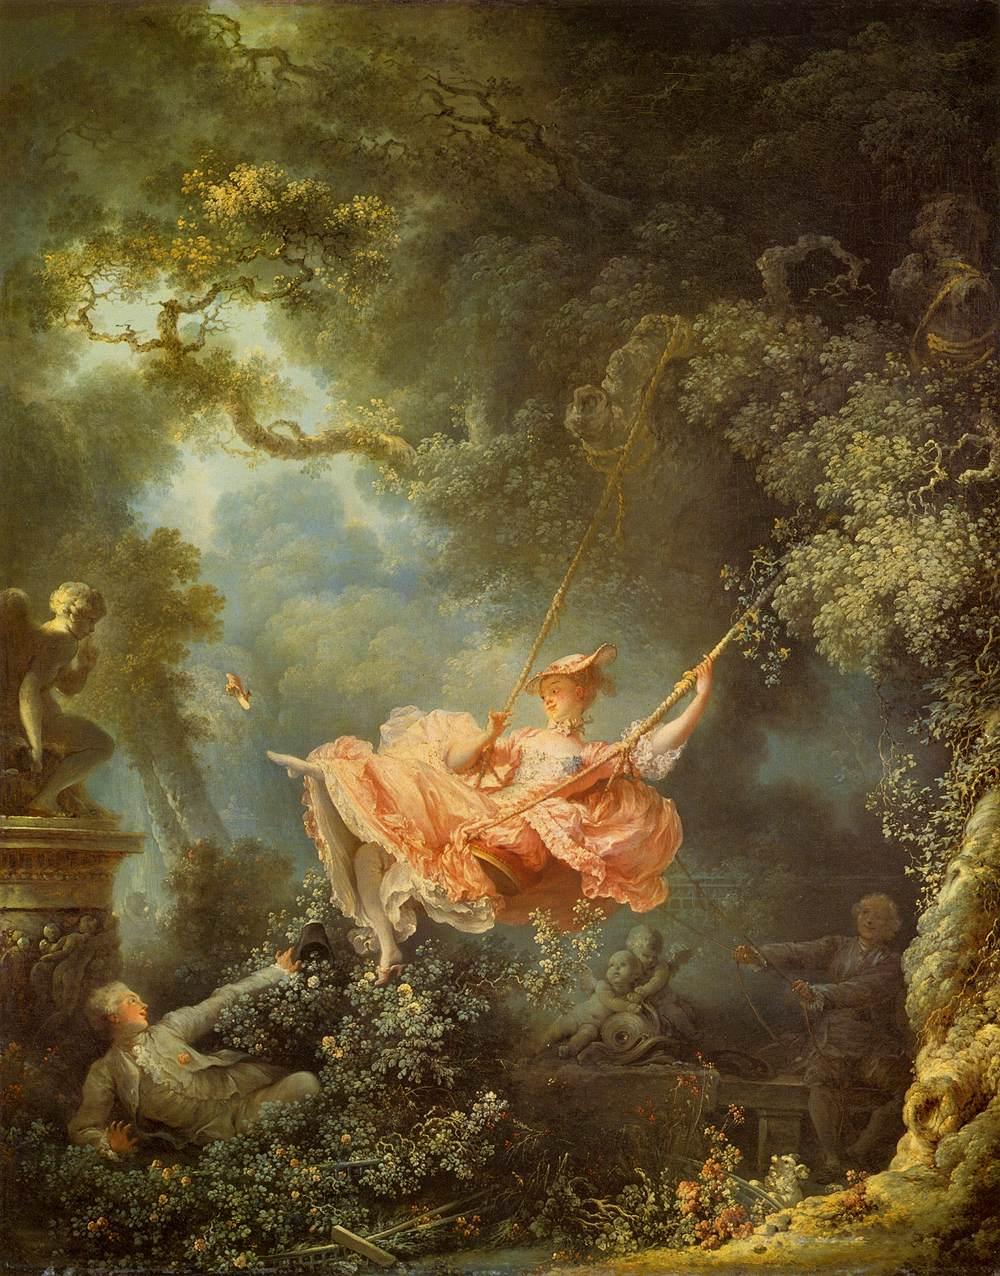 7 - A famosa pintura  'O Balanço'  (1766), do francês Jean-Honoré Fragonard